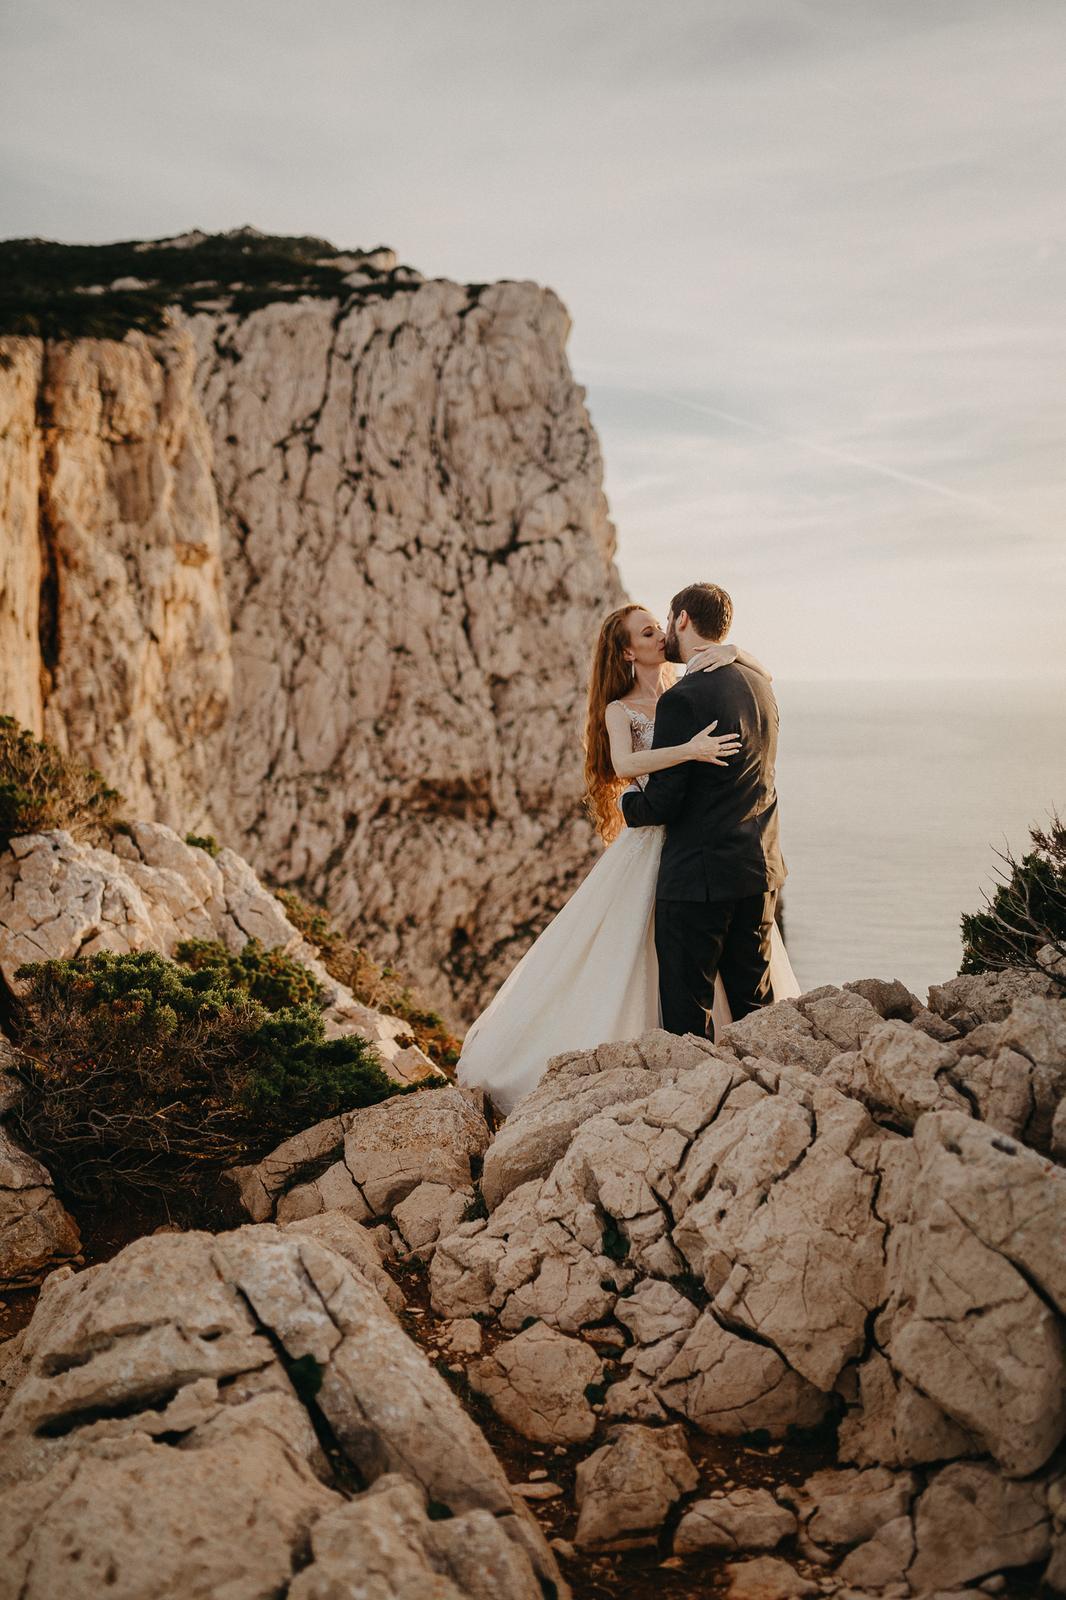 Naše svadobné fotenie na Sardínii - Obrázok č. 93